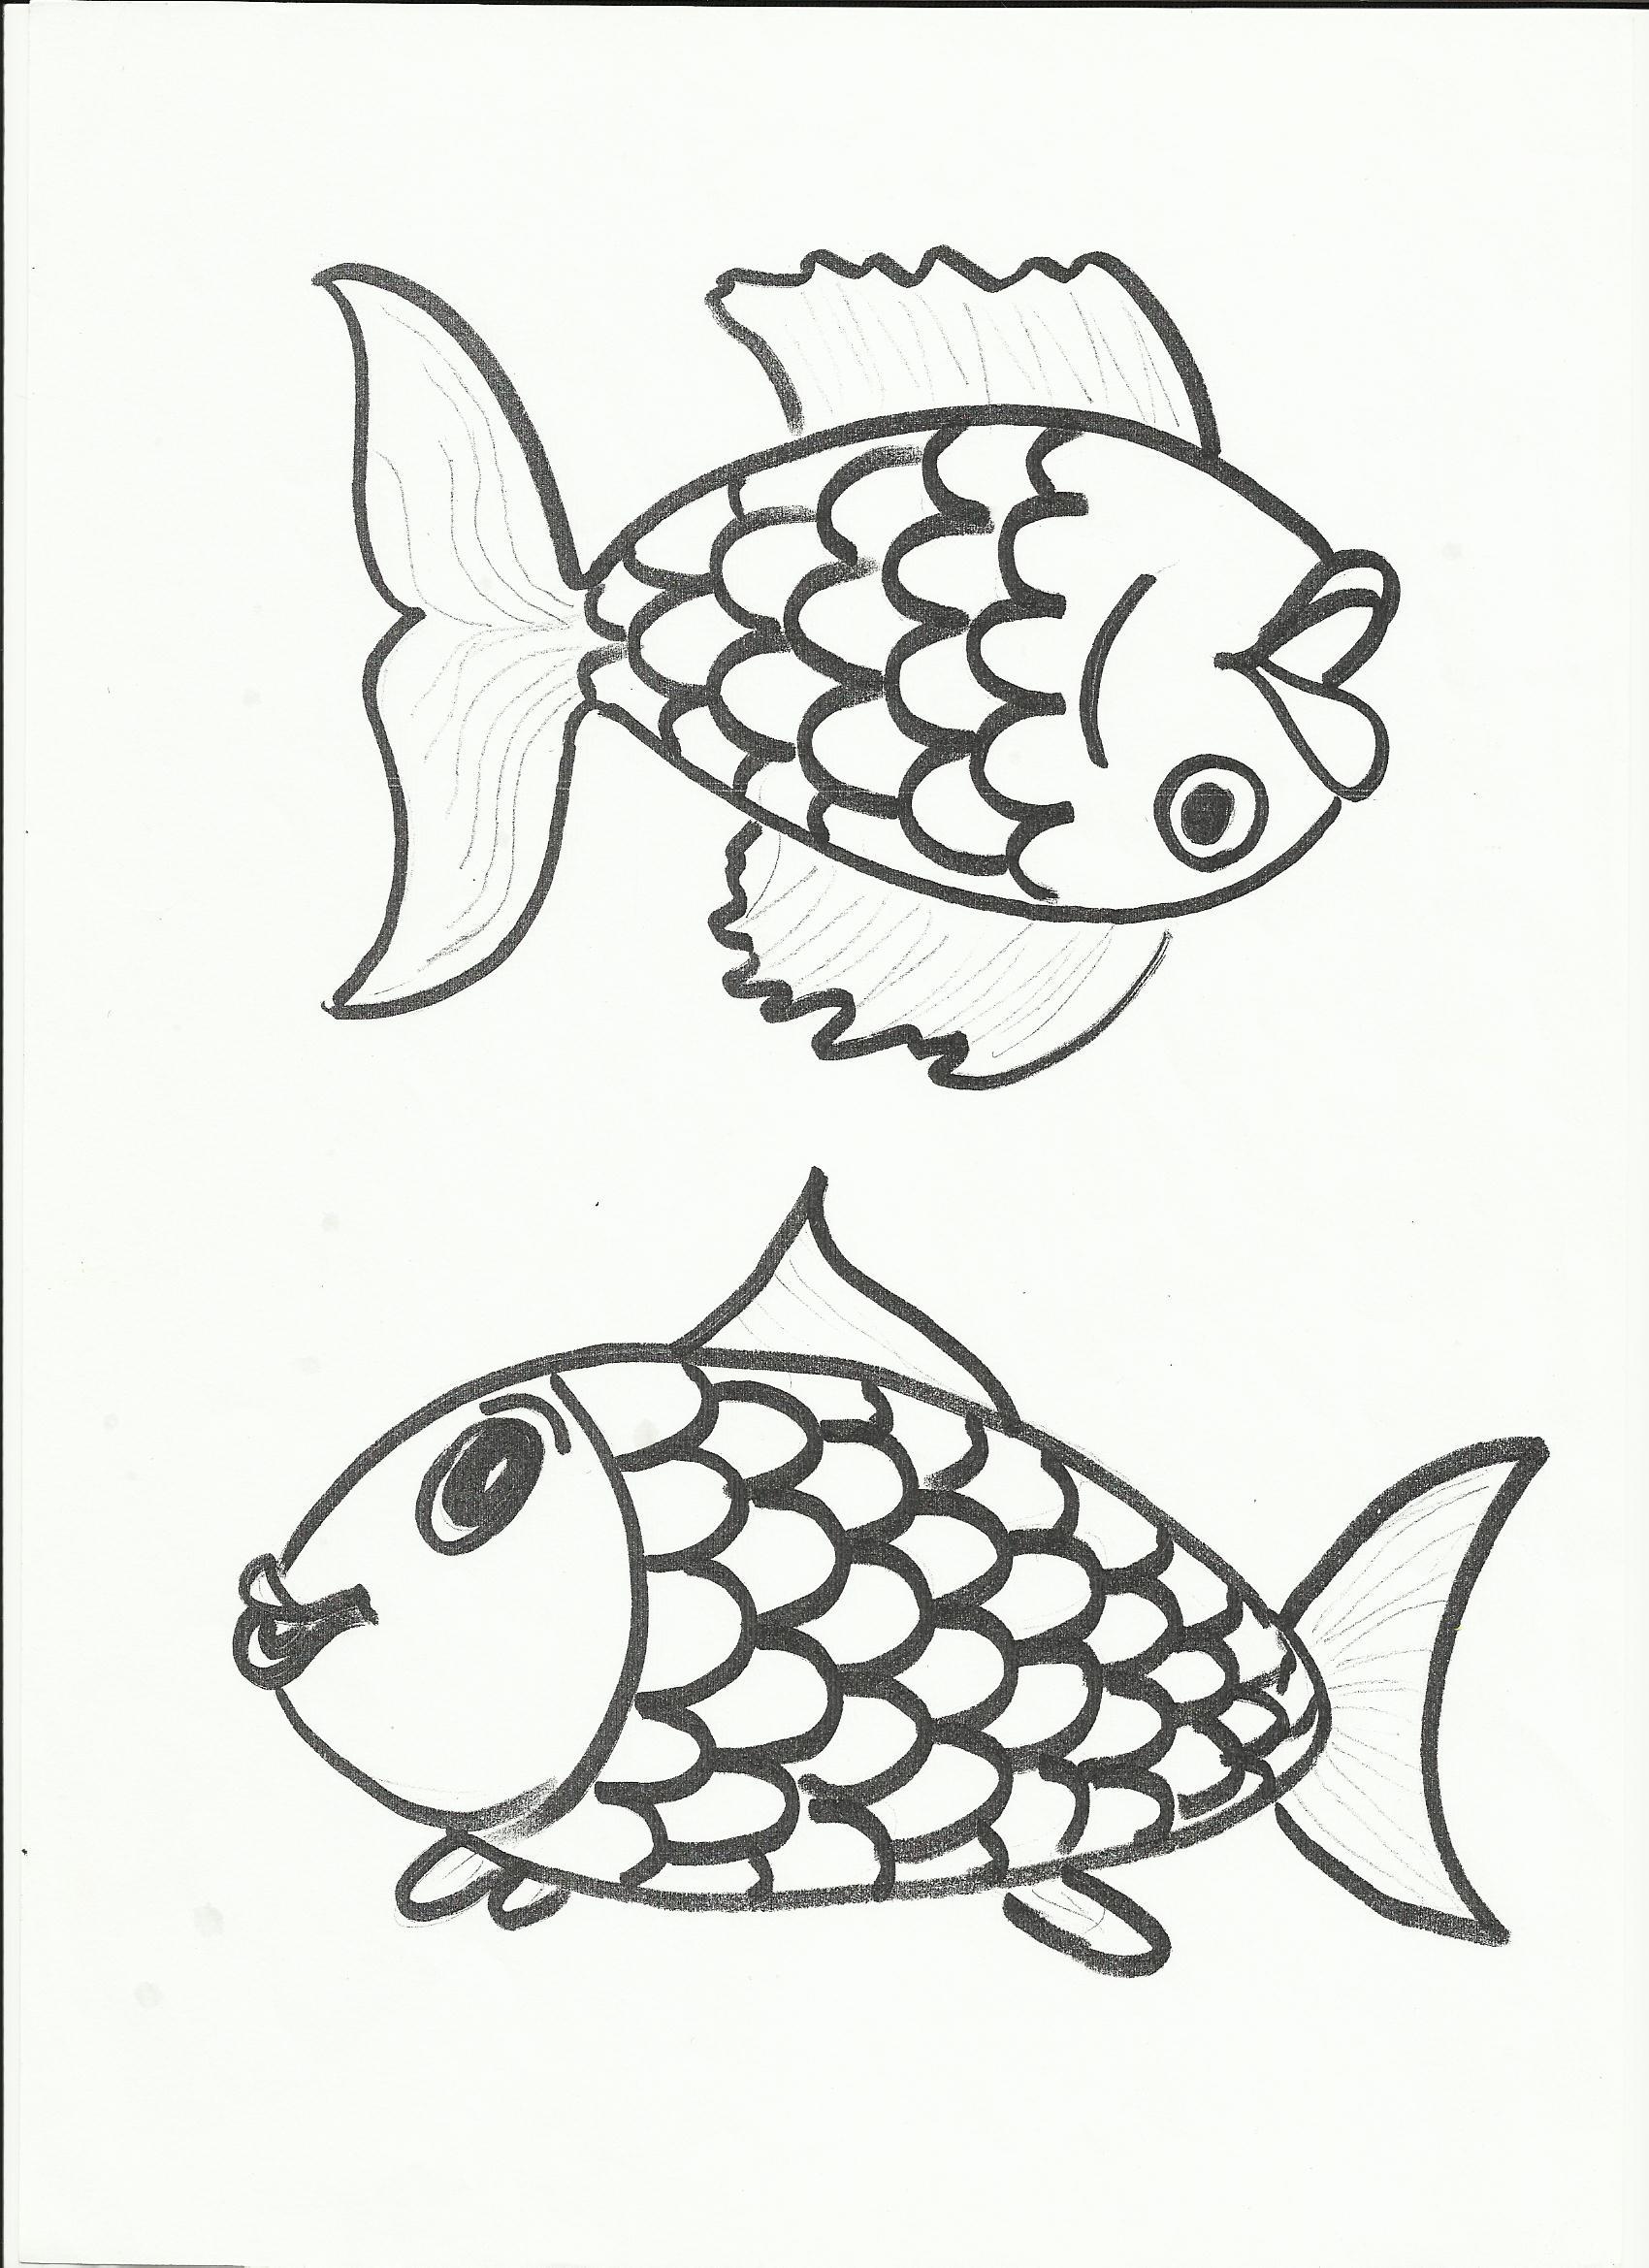 Peștele Activitate Practică Jurnal De Prichindei